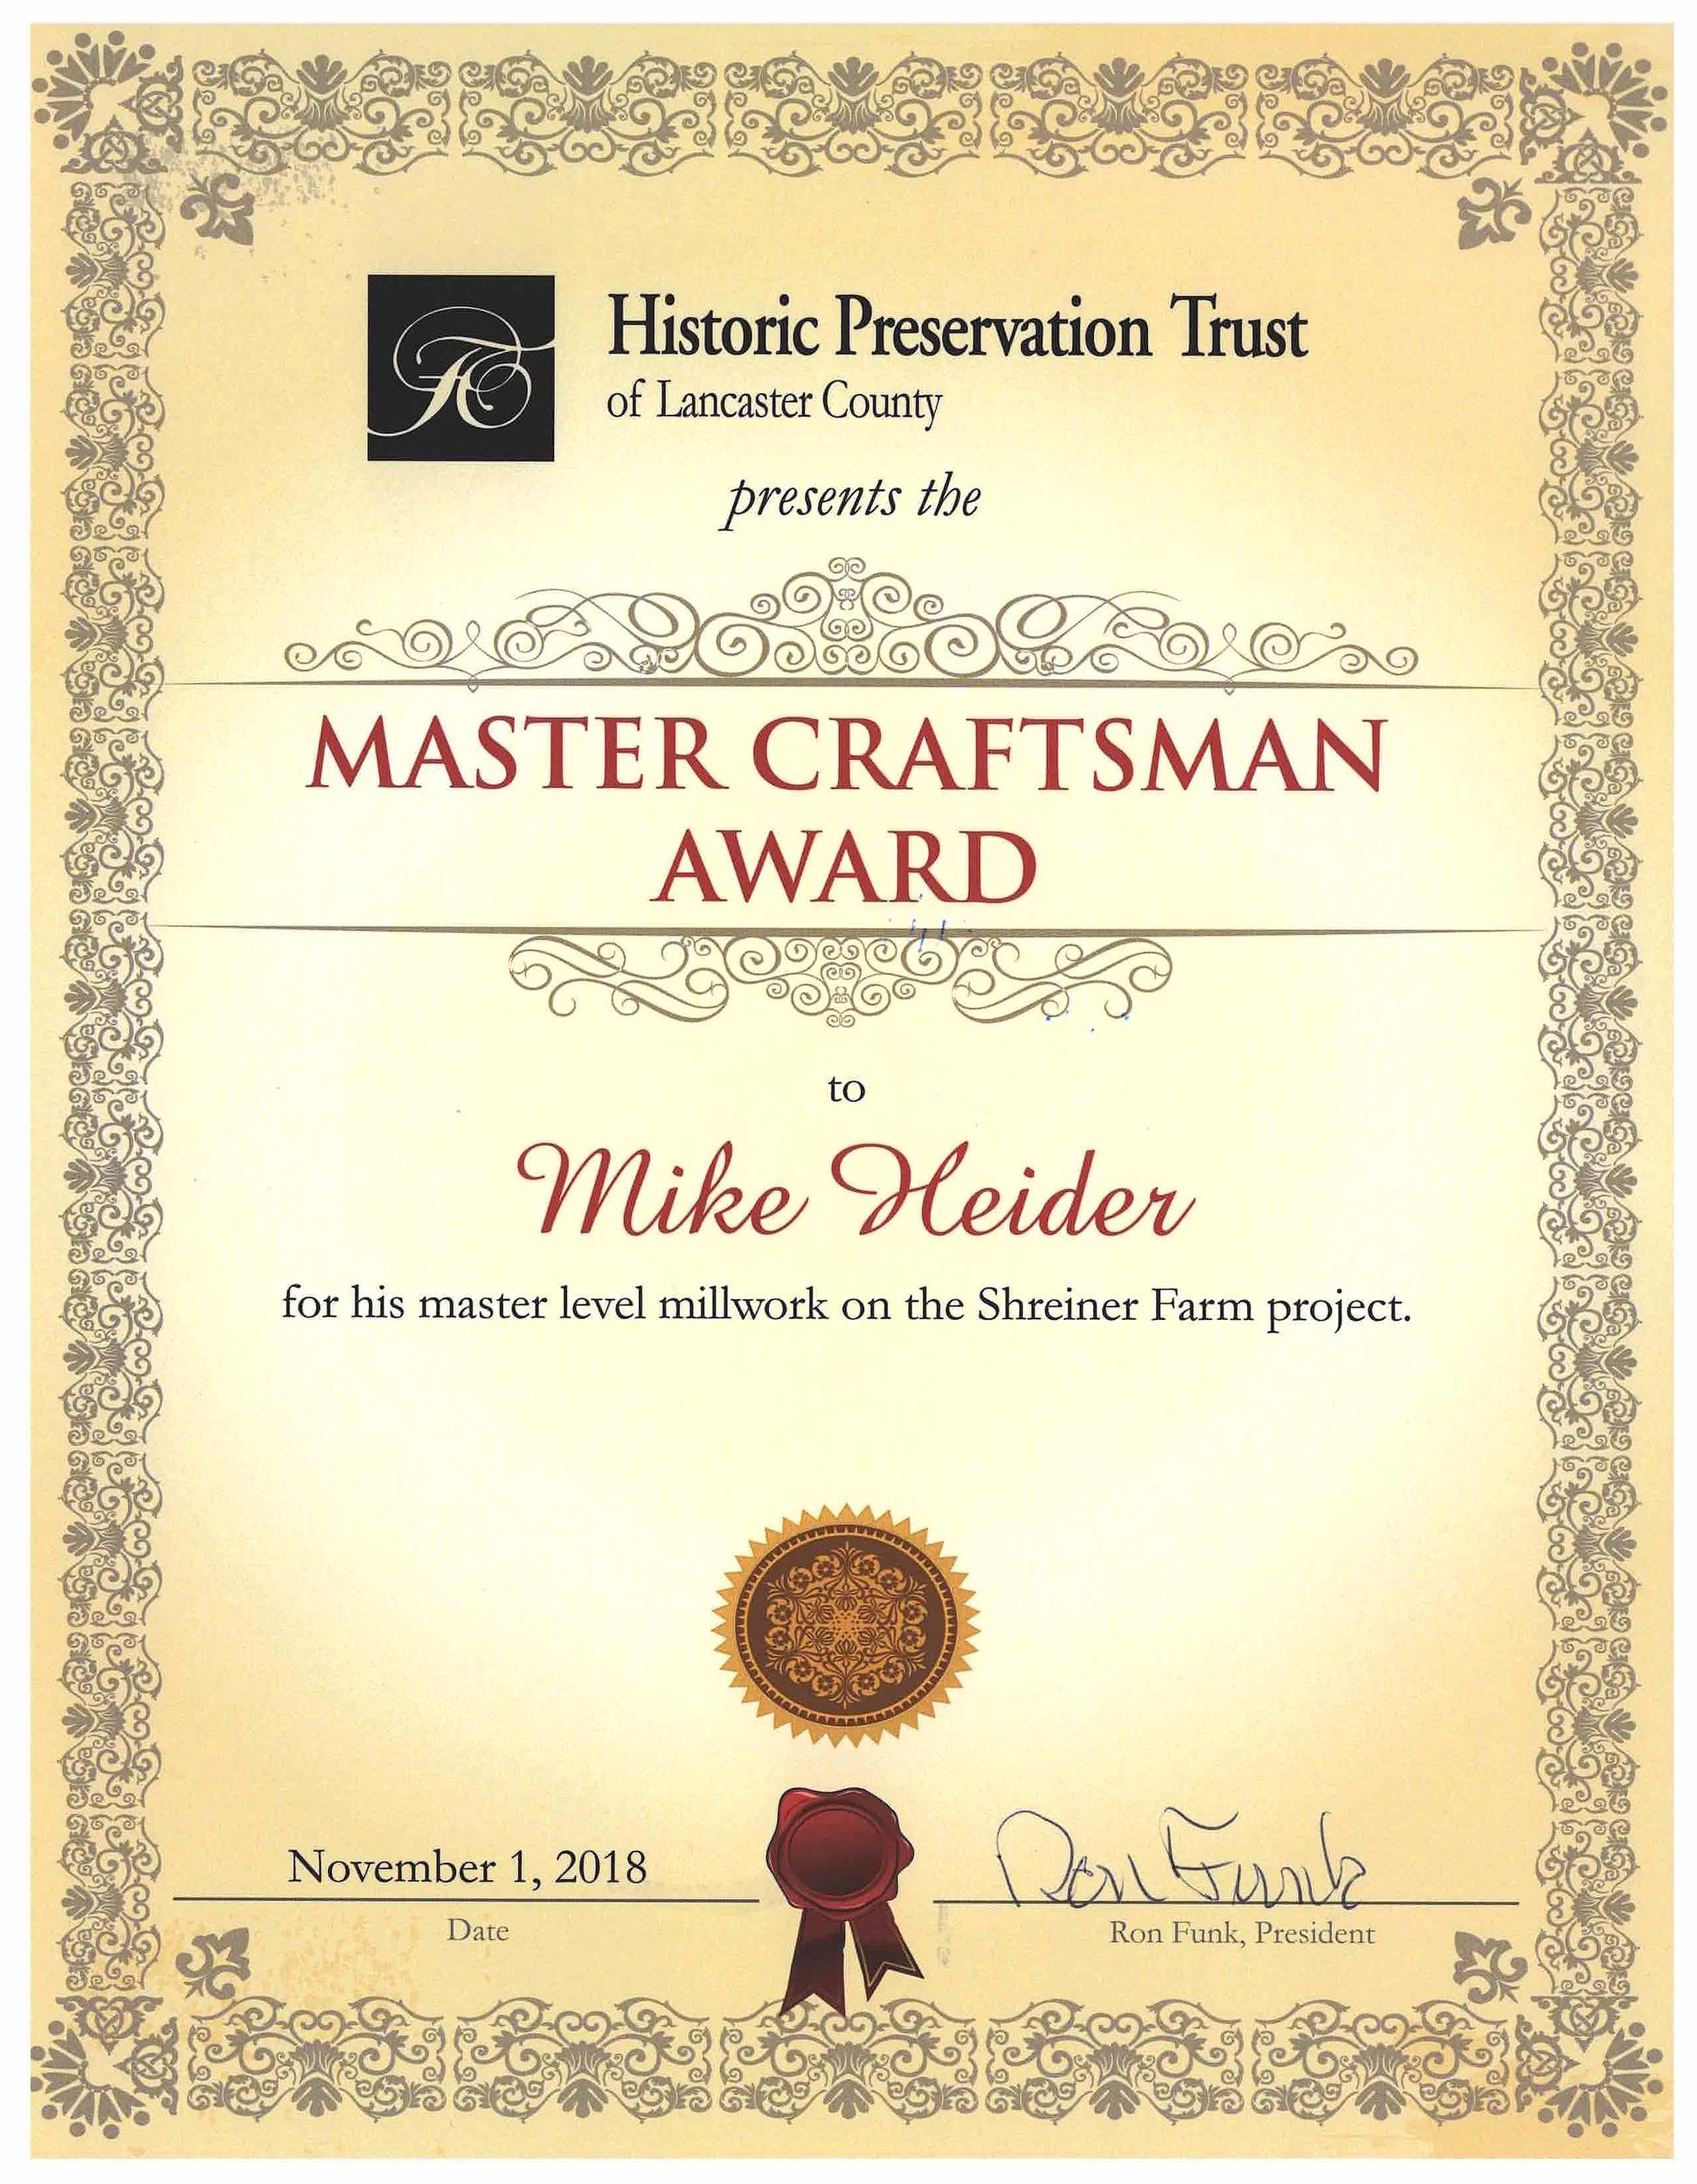 Heider, Mike Award Cert.jpg